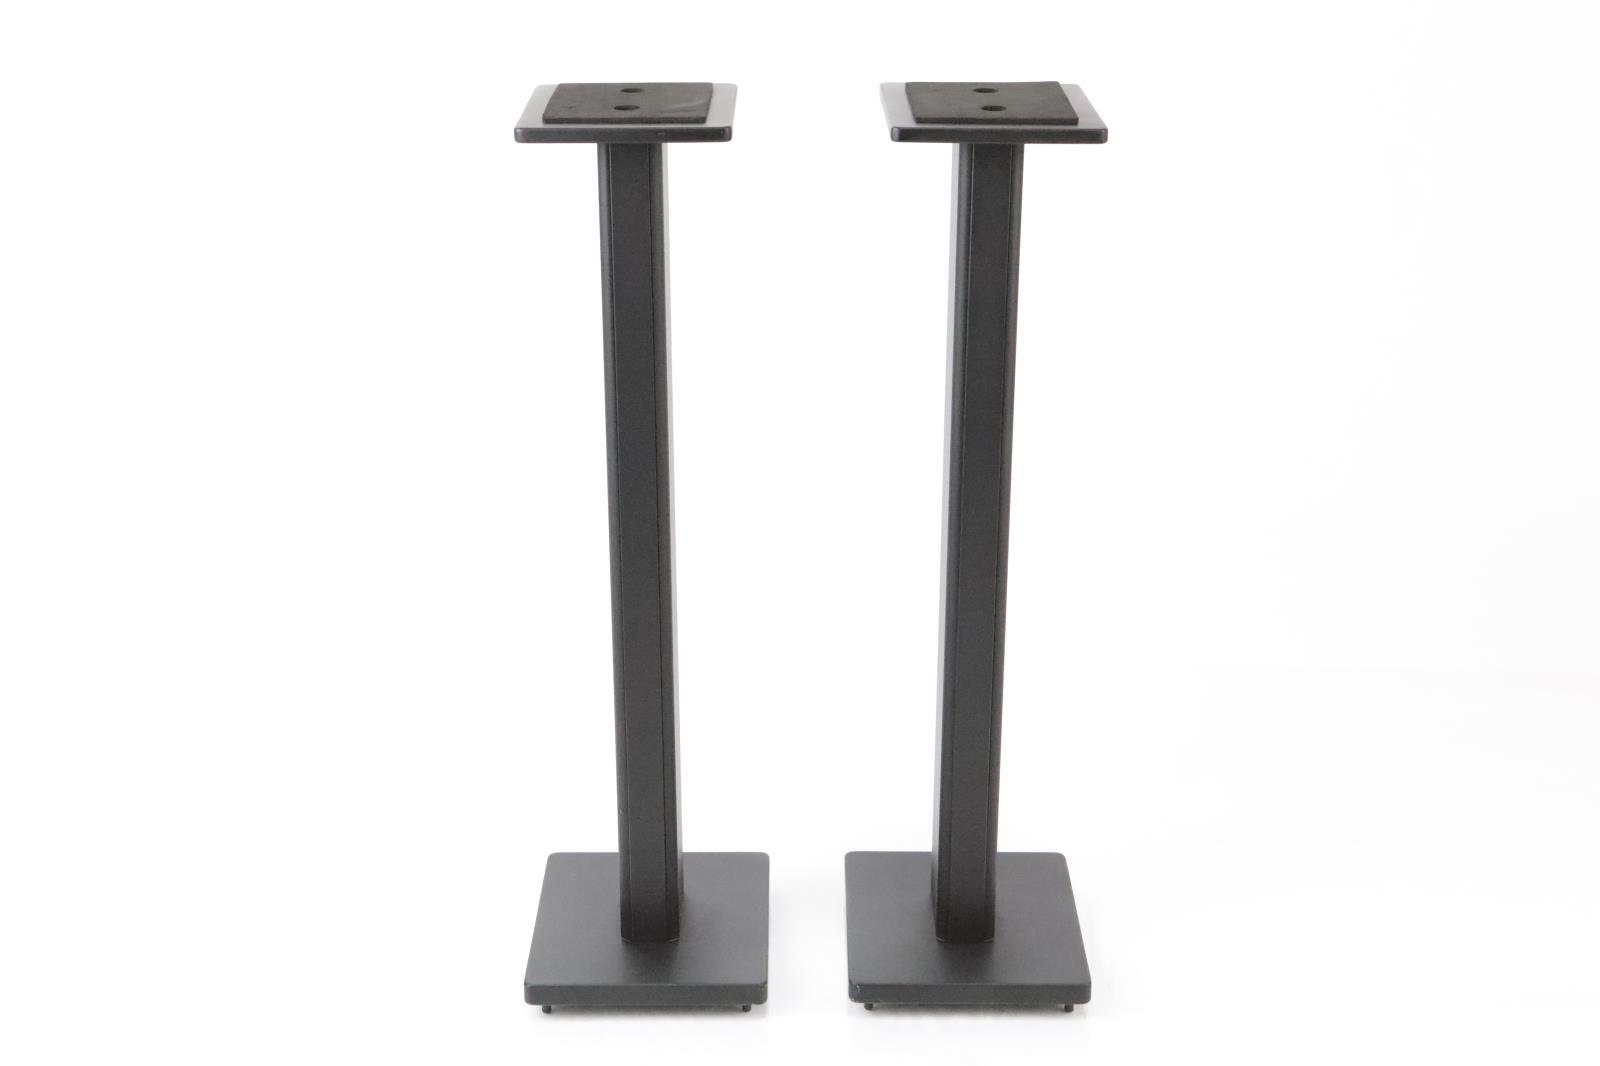 2 Recording Studio Monitor Speaker Stands in Black #34700